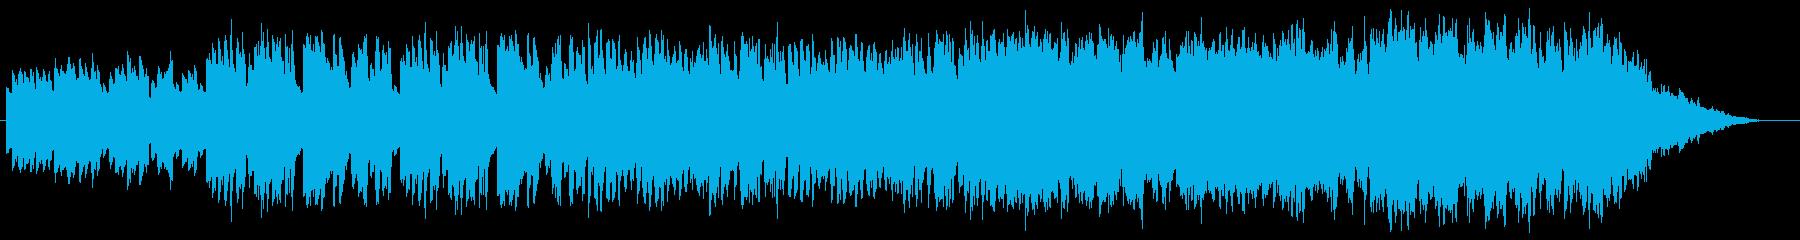 優雅な雰囲気のハープシコードの曲の再生済みの波形